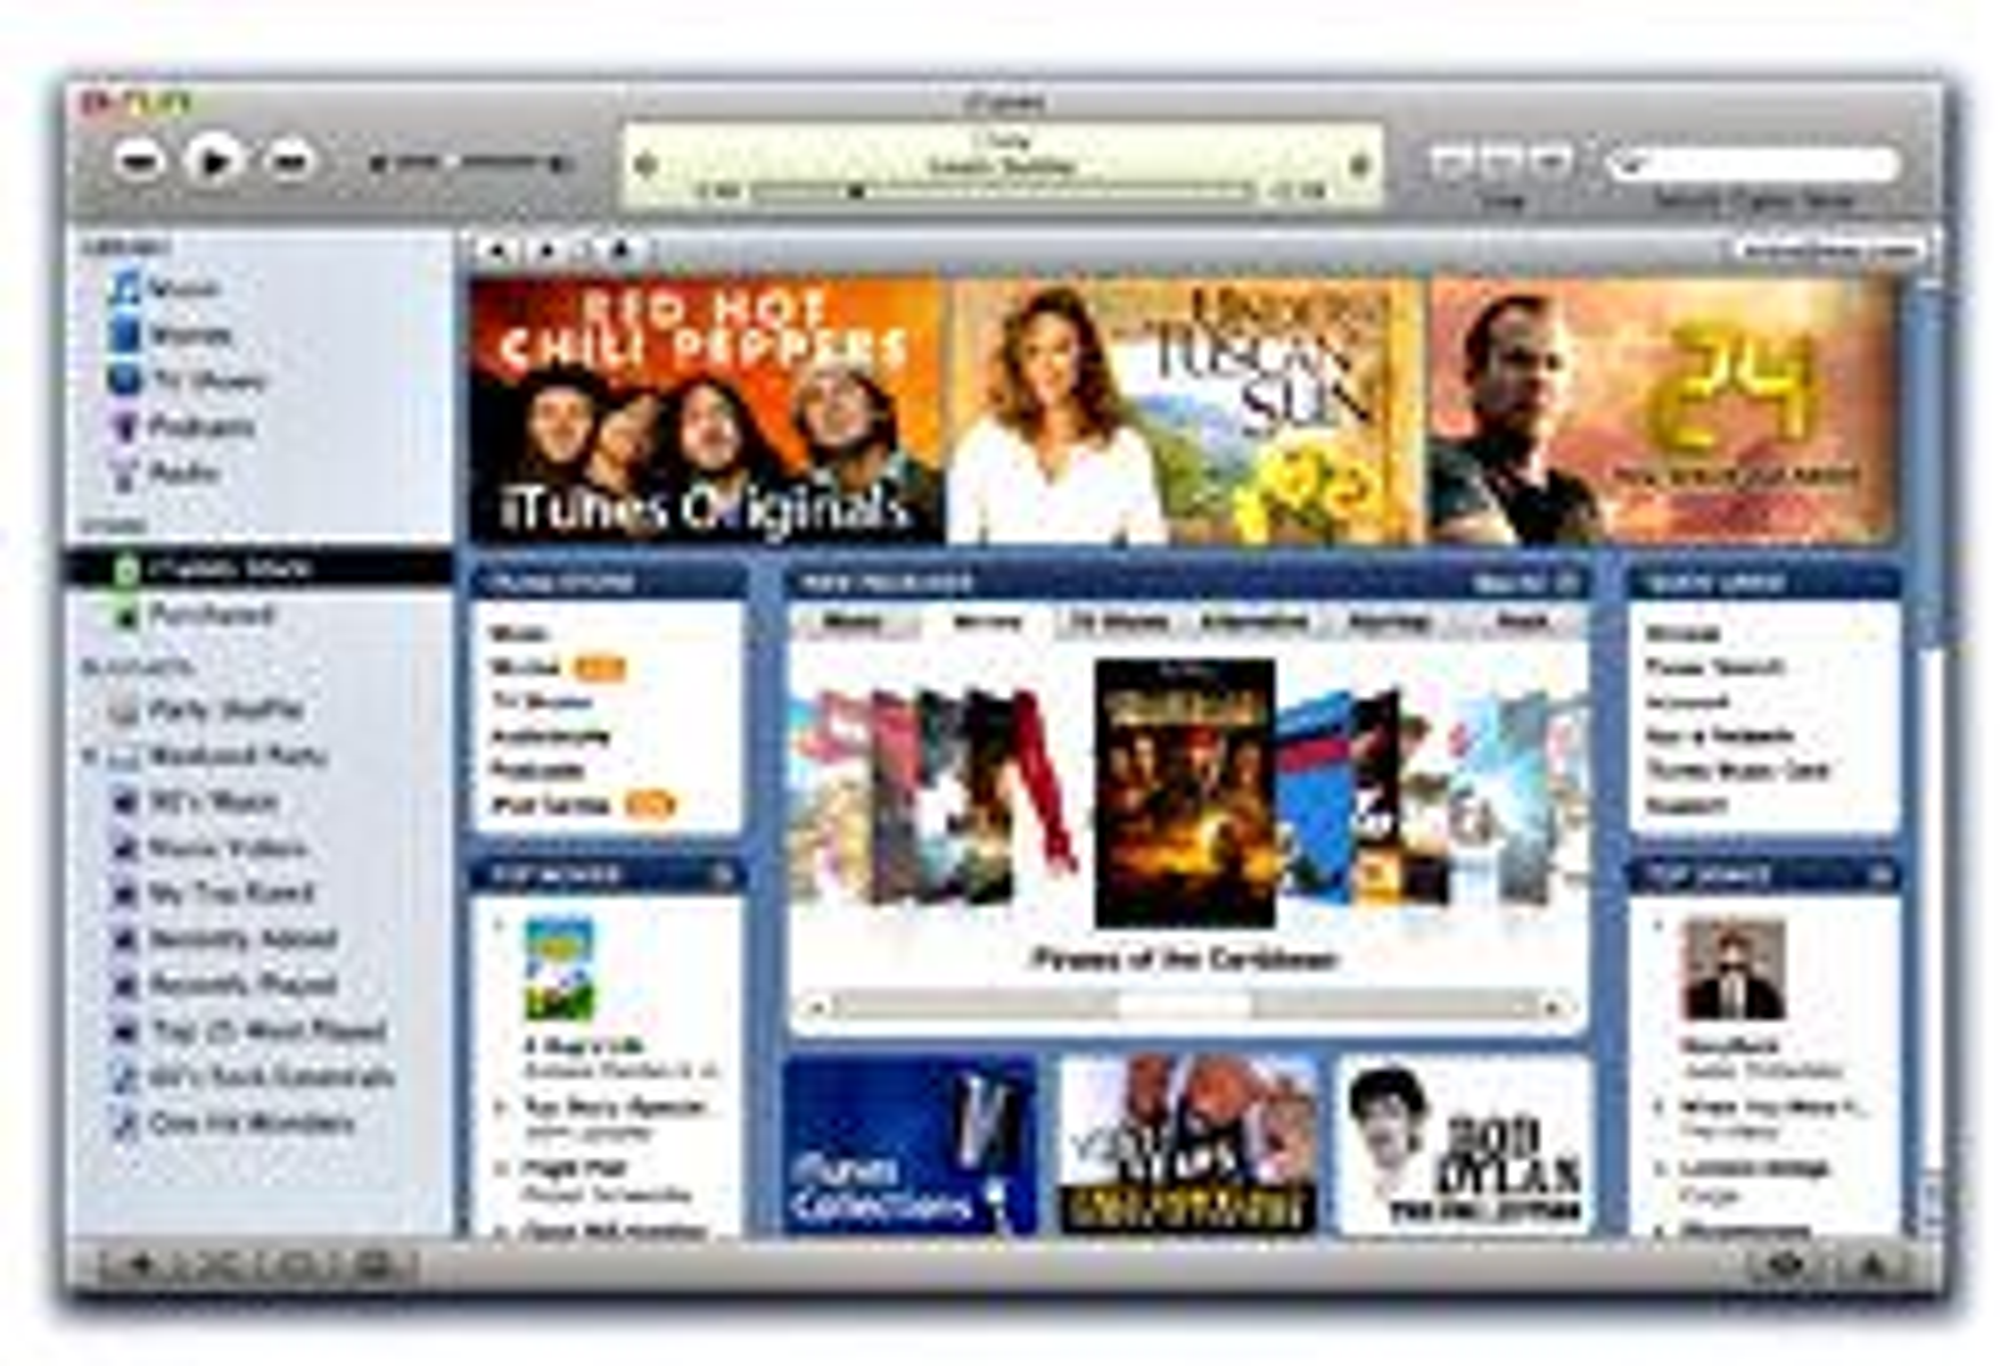 En fremtid uten DRM i iTunes?